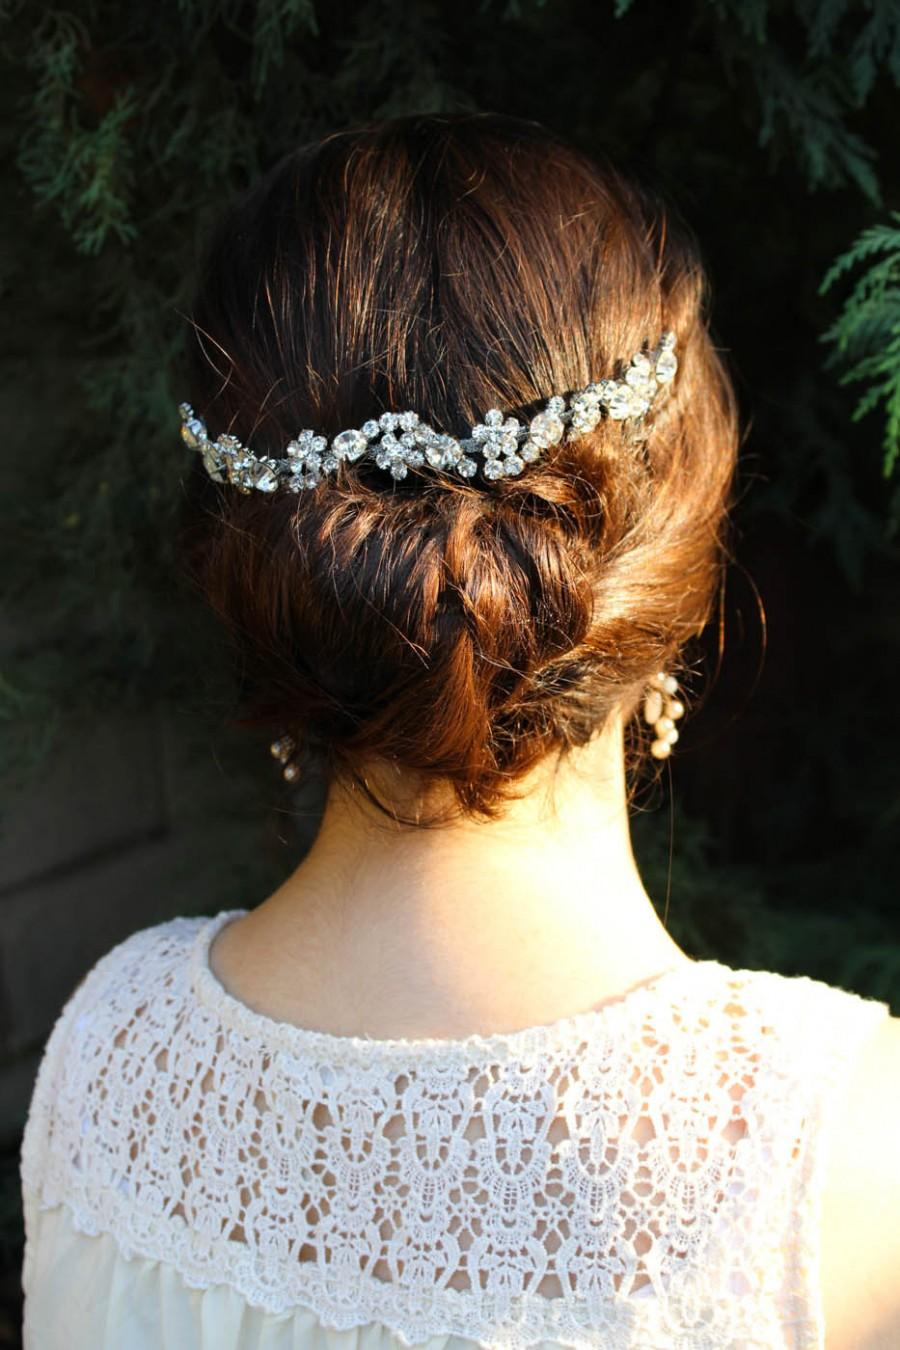 زفاف - Wedding Hair Chain, Bridal Hair Chain, Wedding Hair Wrap Downton Headpiece, Silver Wedding Halo Crystal Hair Comb, Wedding Hair Comb Vine